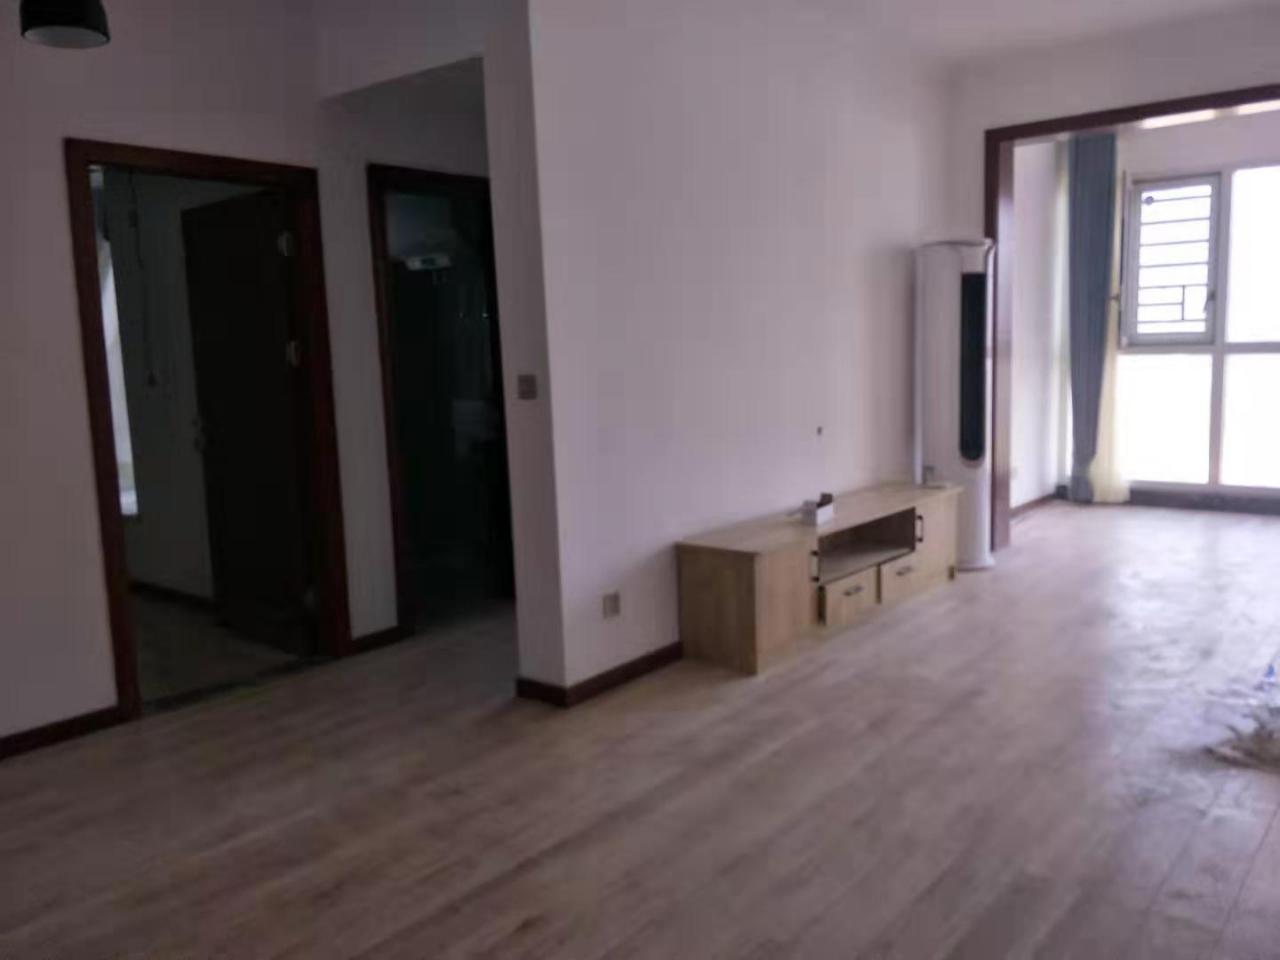 三转盘国贸,两室一厅一卫,中等装修2室 1厅 1卫79万元